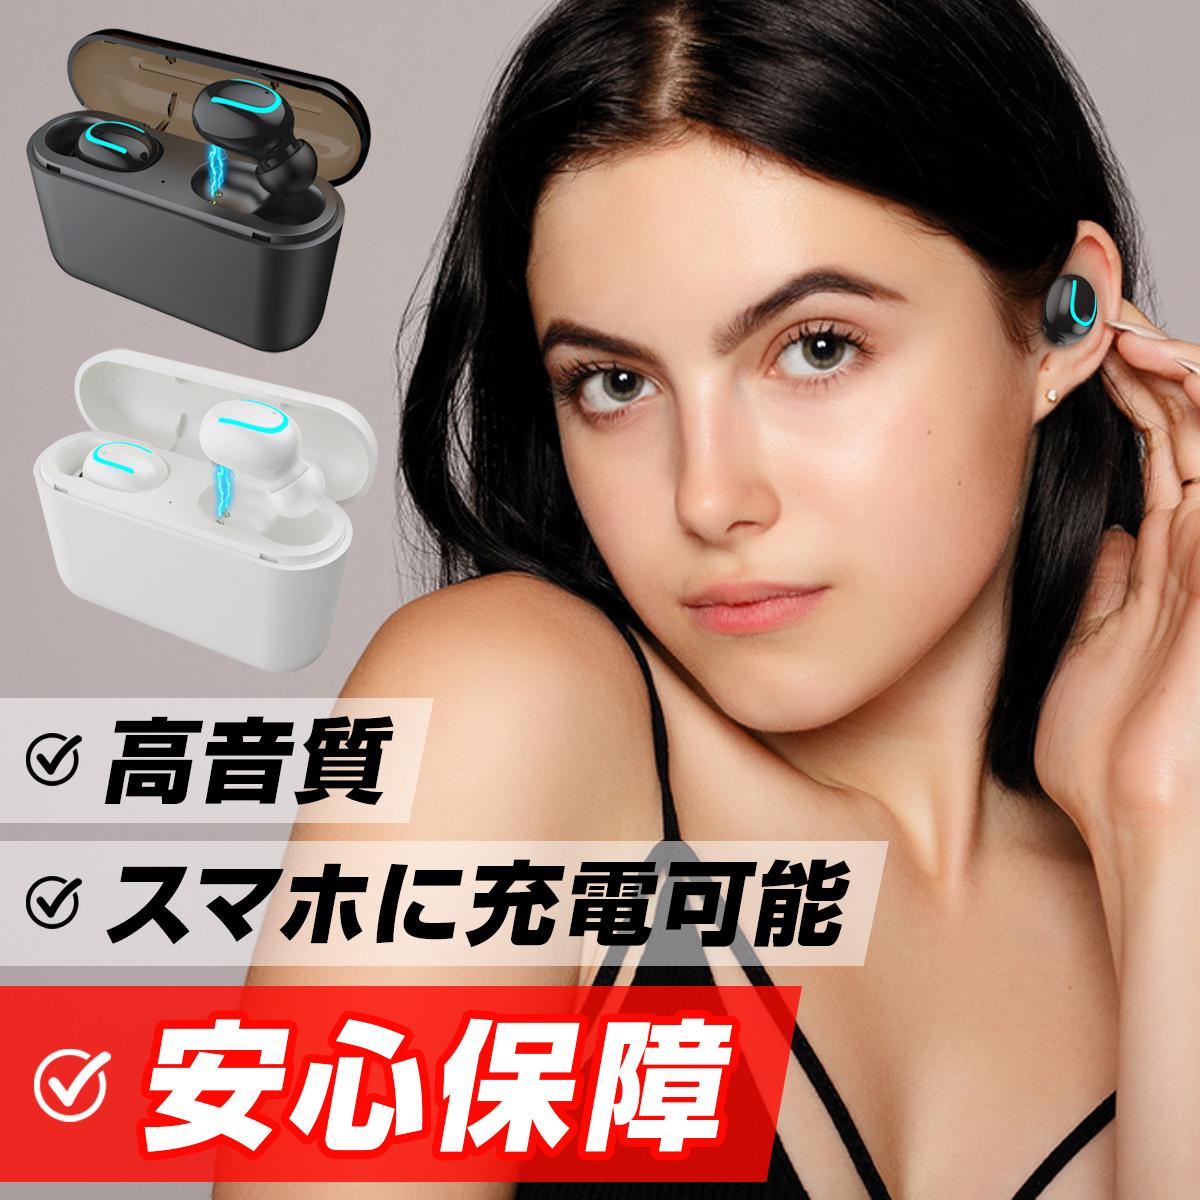 2021年最新型 イヤホン Bluetooth ワイヤレスイヤホン 1位 最新型 Bluetooth5.0 イヤホン自動ペアリング 片耳 両耳 高音質 マイク Andoroid リモートワーク 防水 モバイルバッテリー付きケース 多機種対応 テレワーク iPhone 内蔵 ヘッドホン 返品不可 新生活 OUTLET SALE